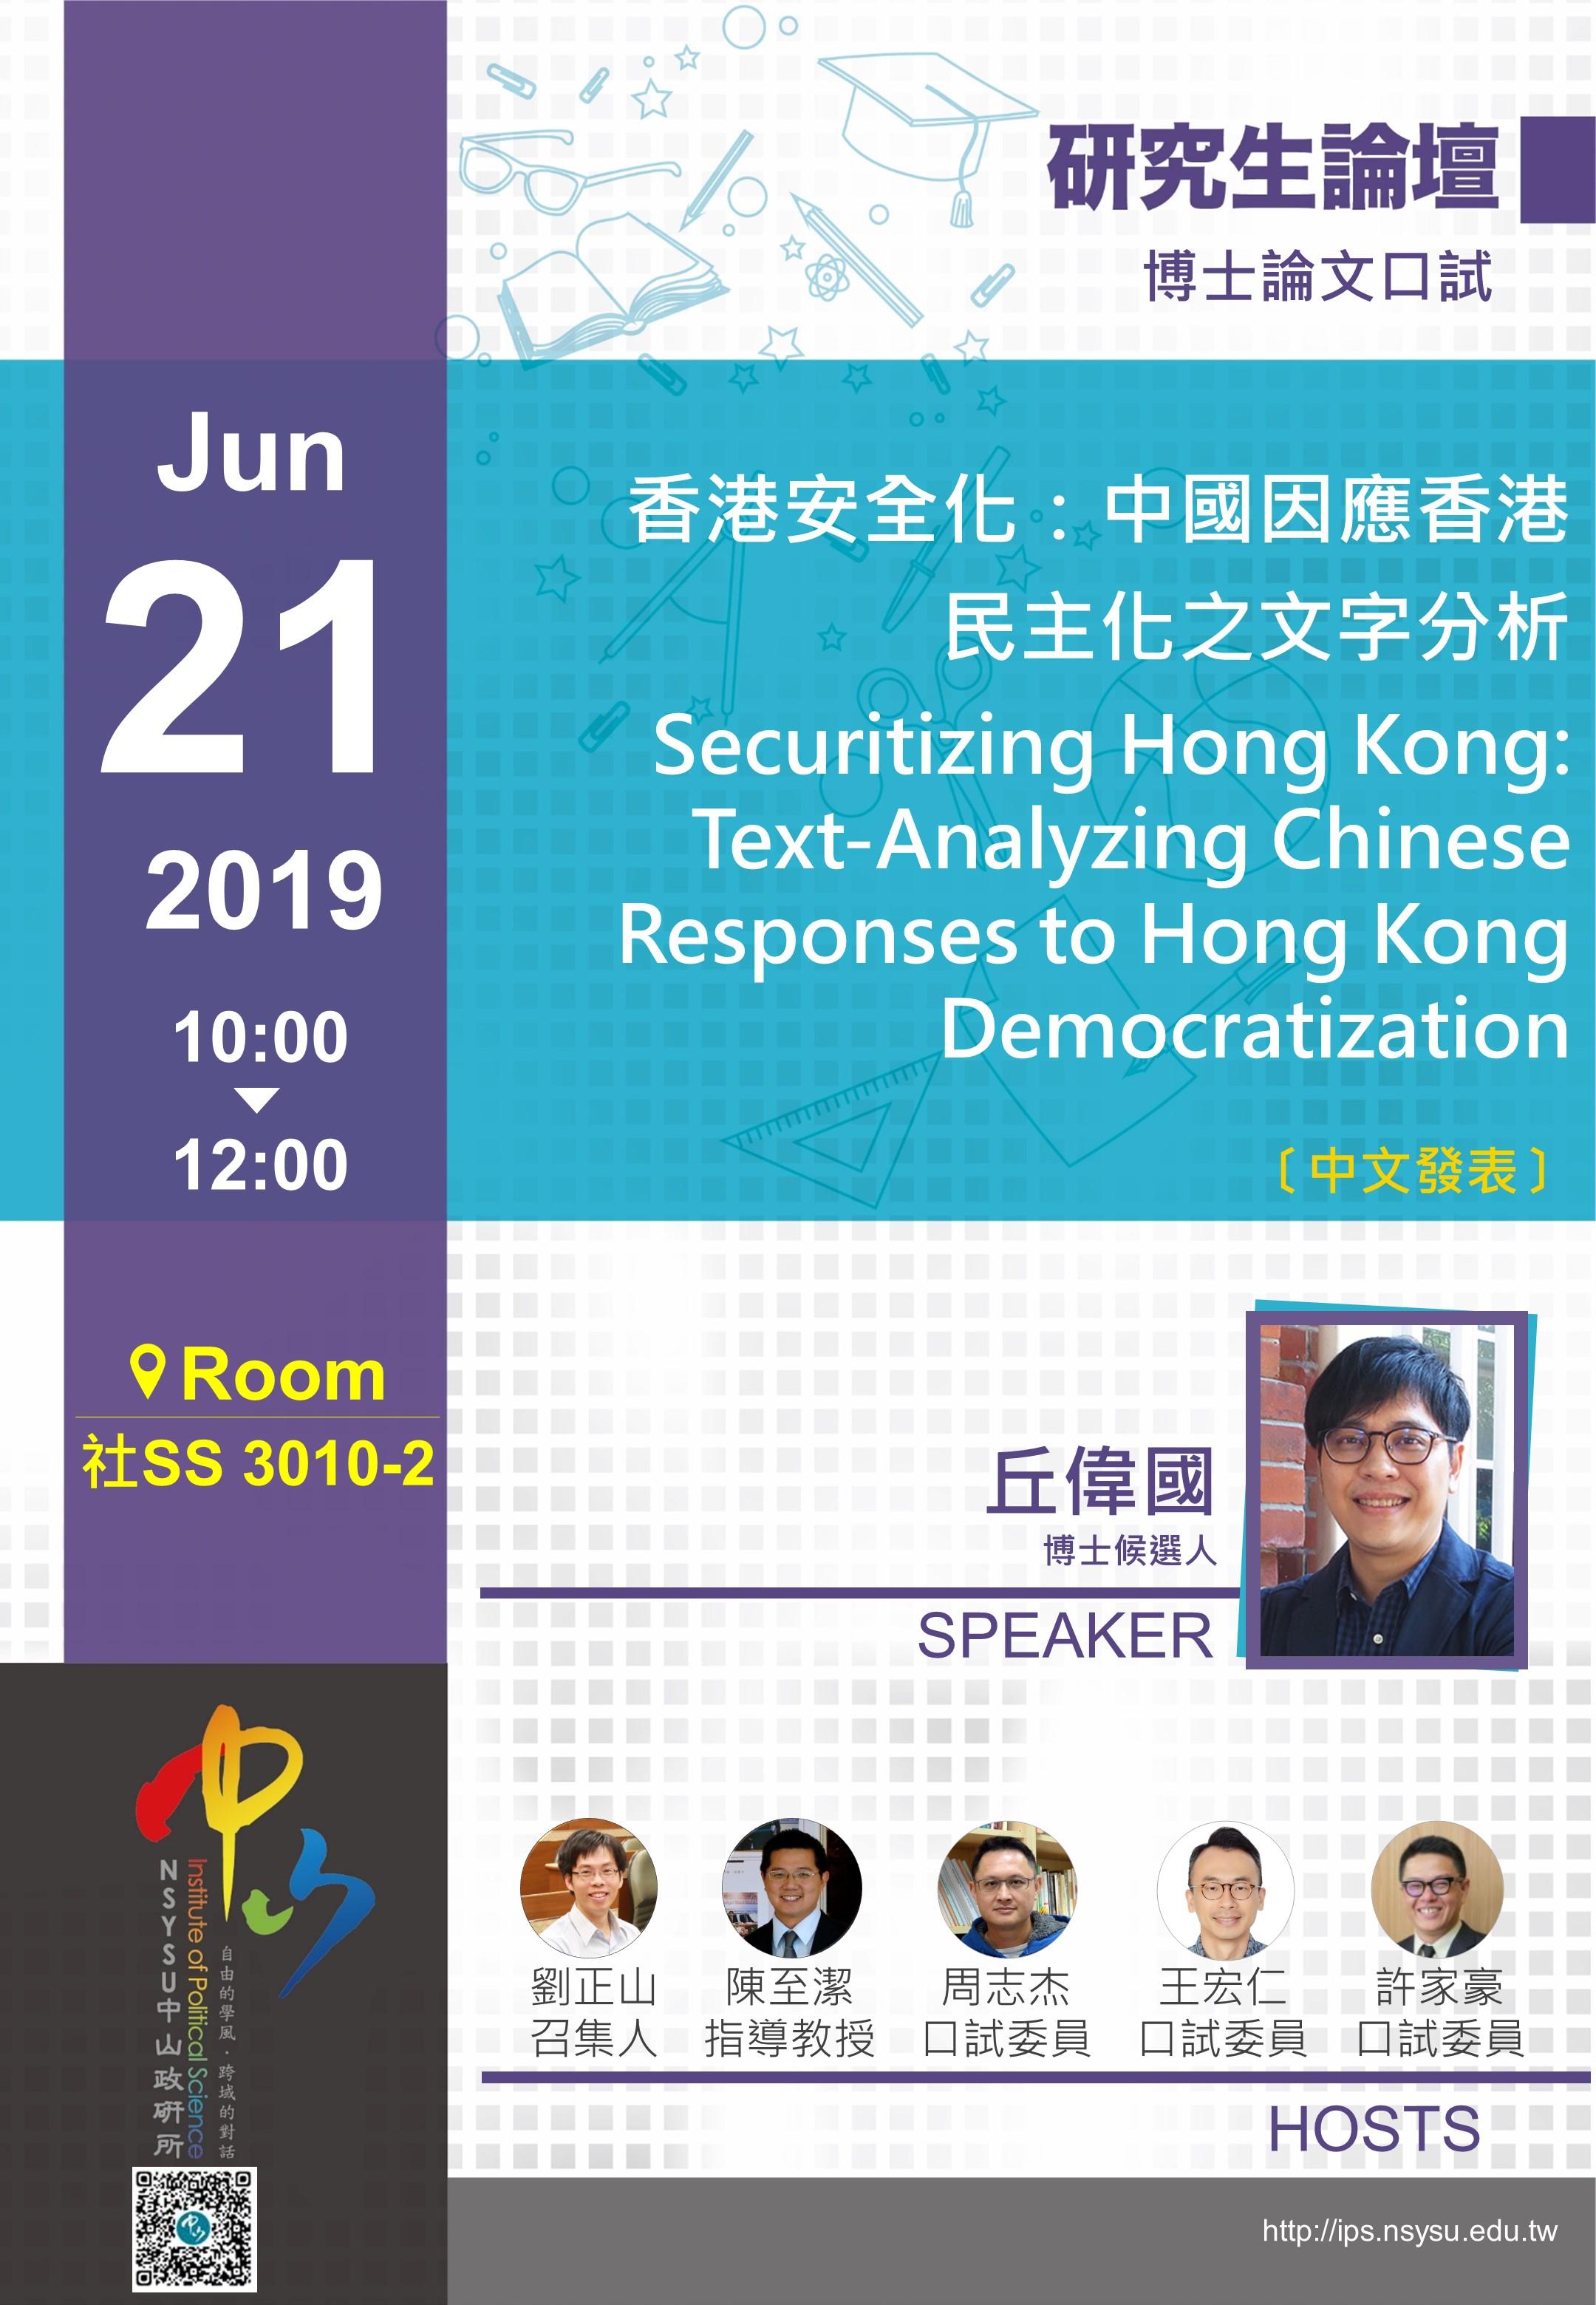 香港安全化:中國因應香港民主化之文字分析